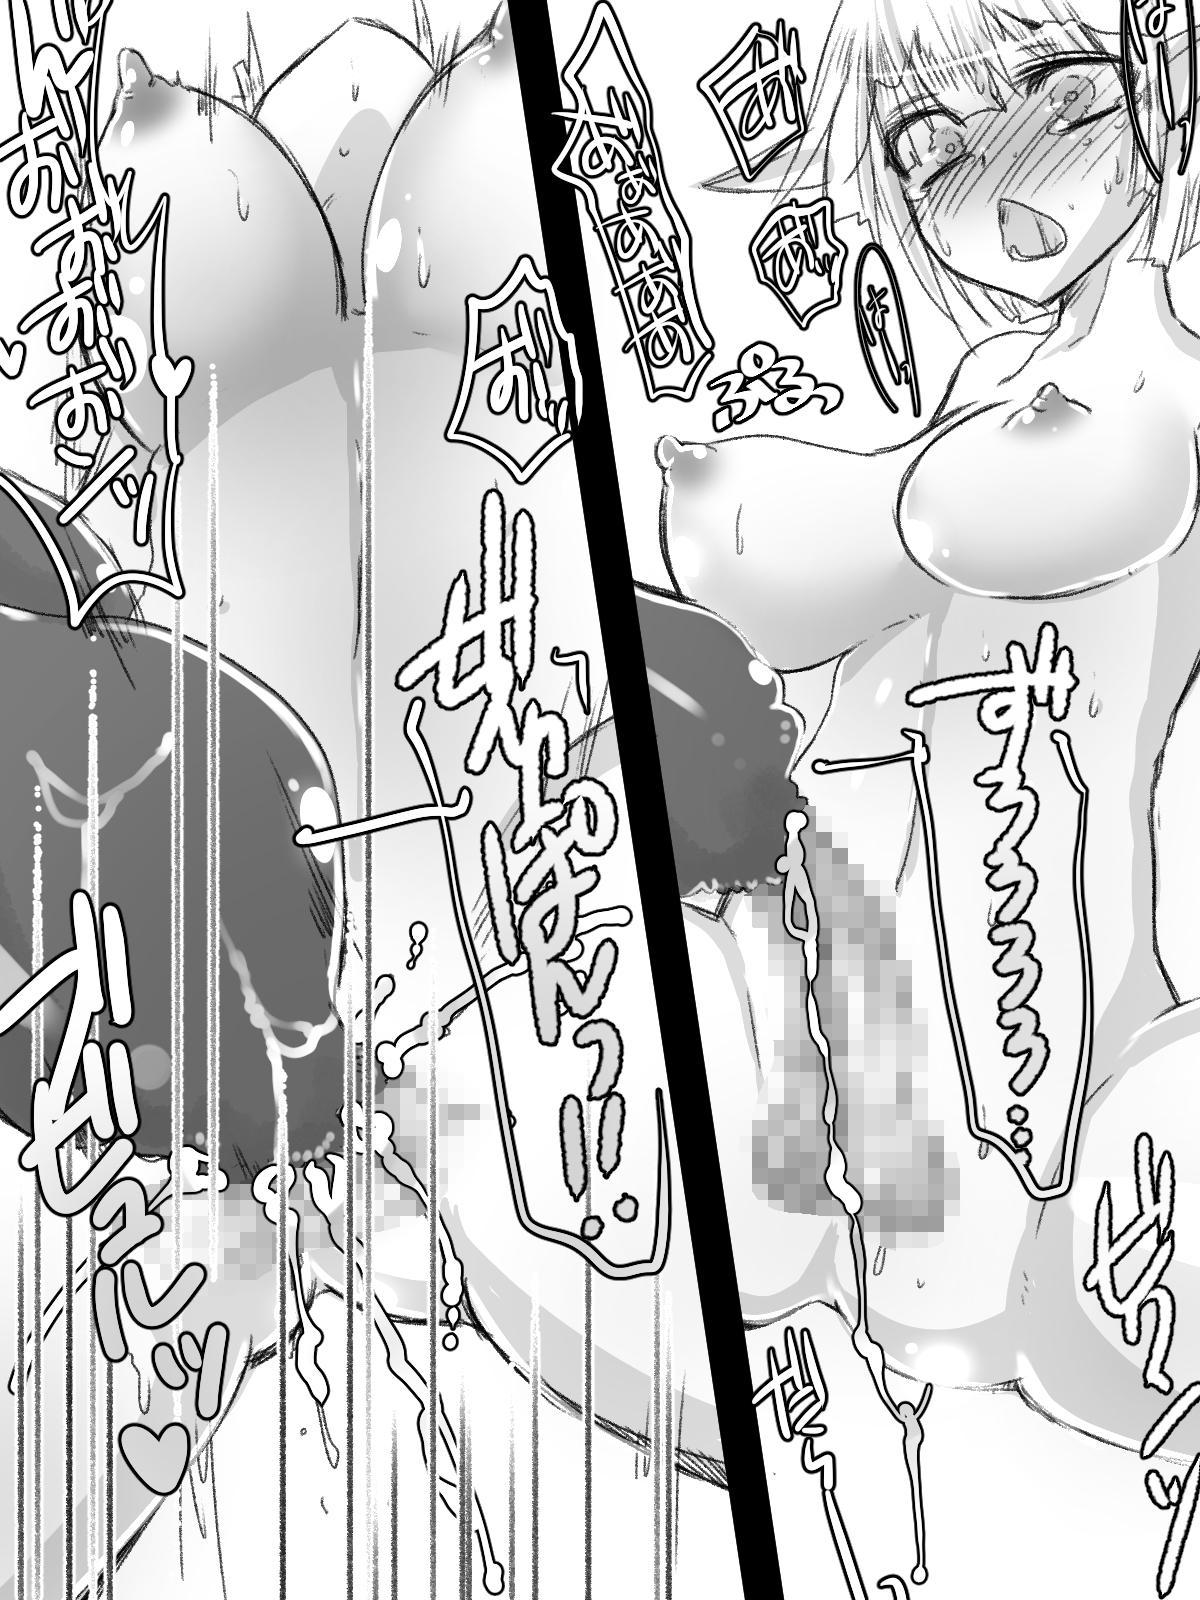 Tamatsuki Futanari Elf-san ga Shokushu ni Osowarete Nyoudou o Semerarete Marunomi Sarete Nakadashi Sarete Haramasarete Shussan Shichau Hon 9